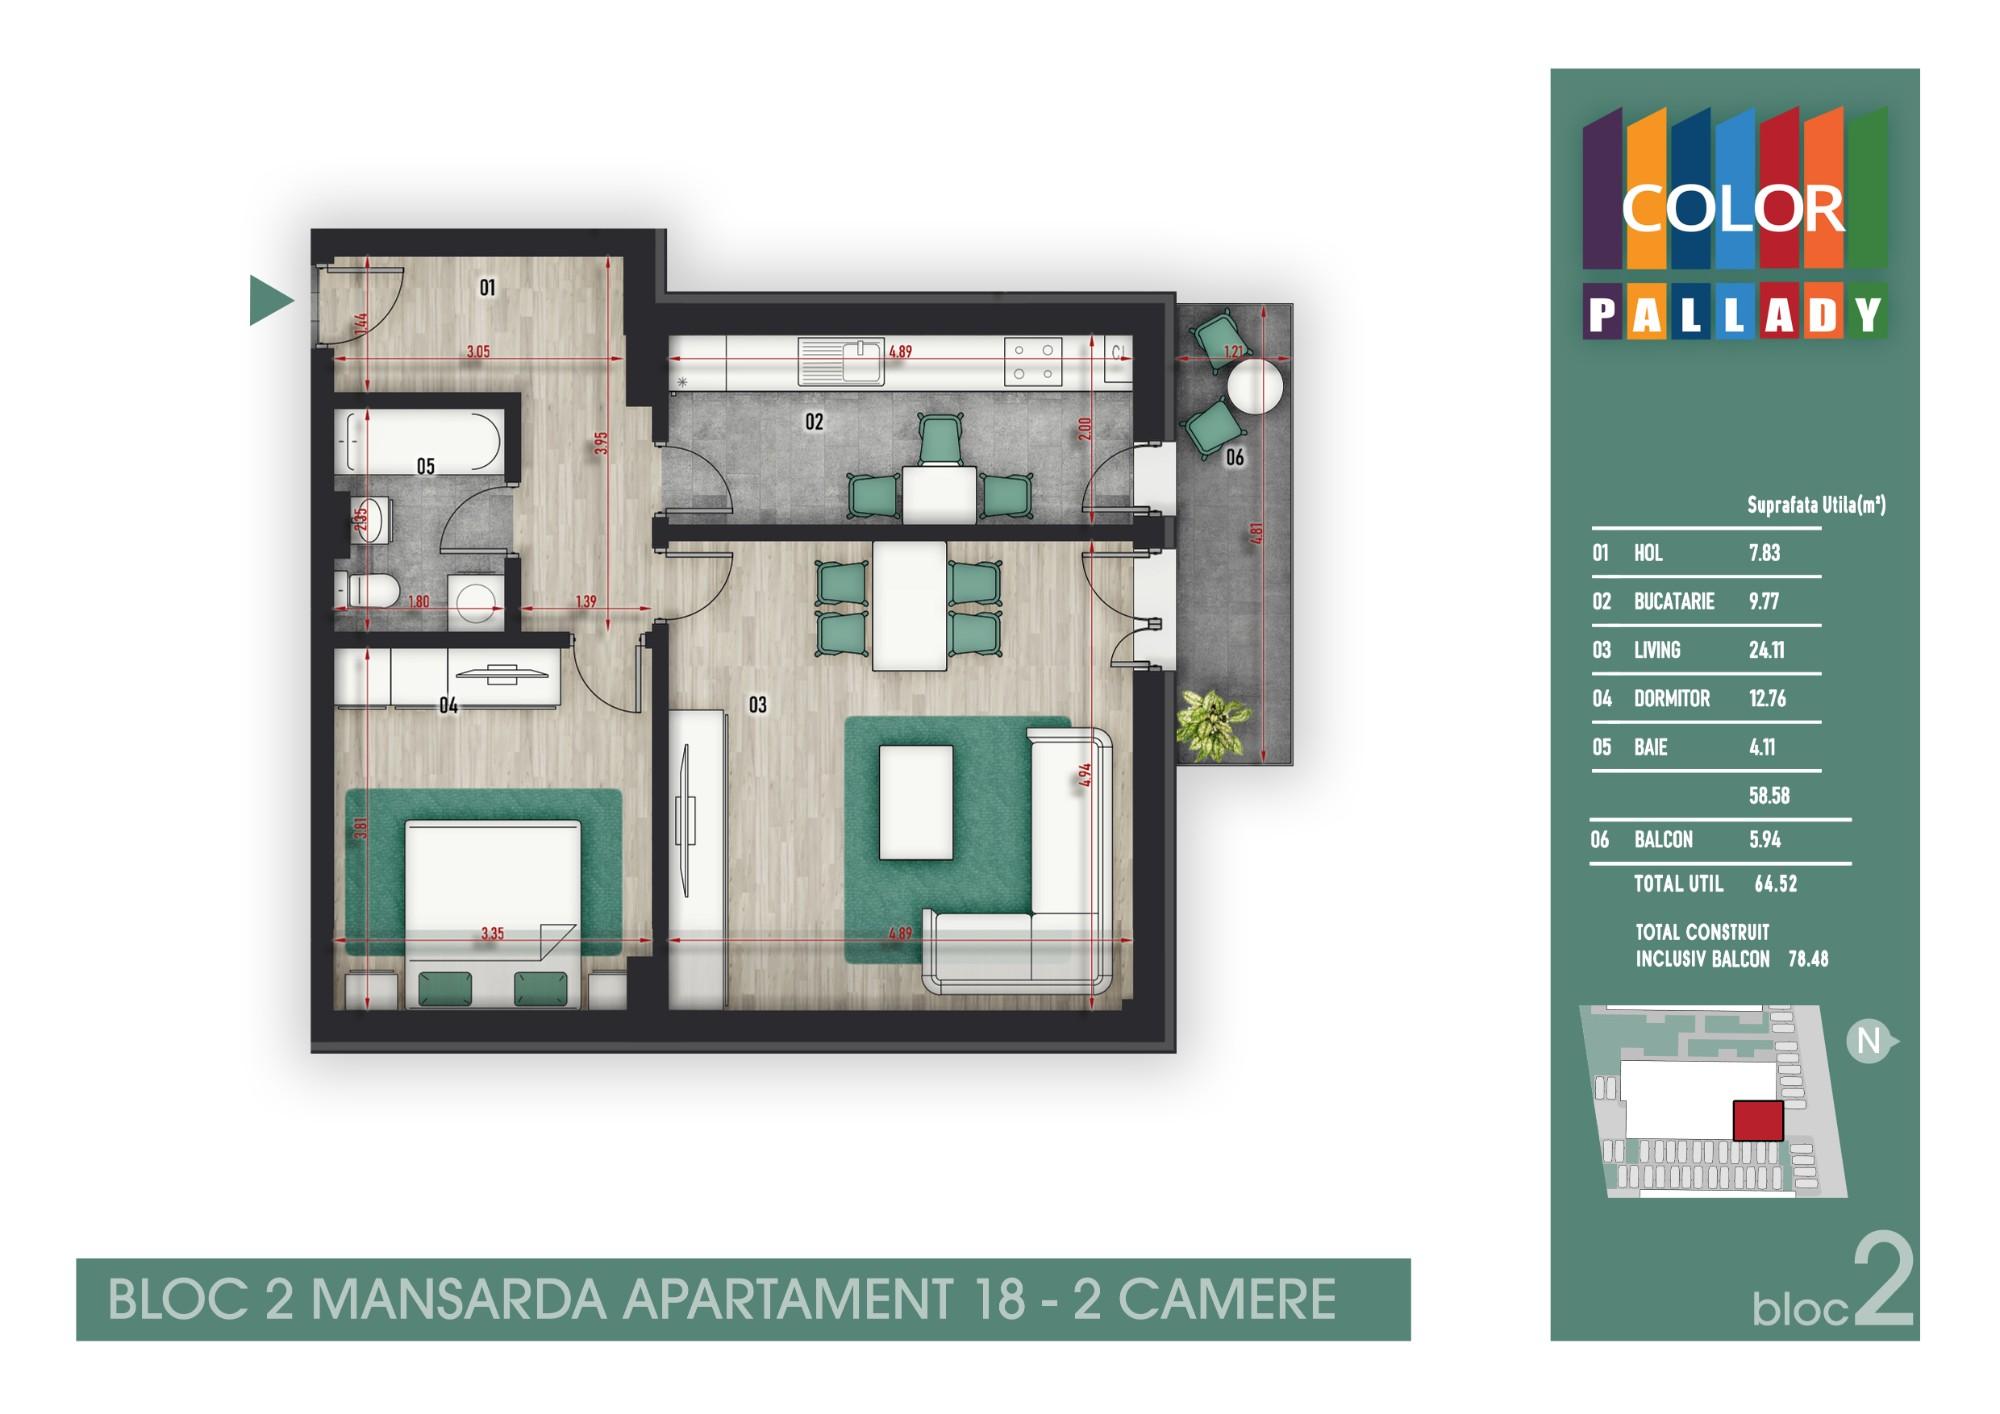 Bloc 2 - Mansarda - Apartament 18